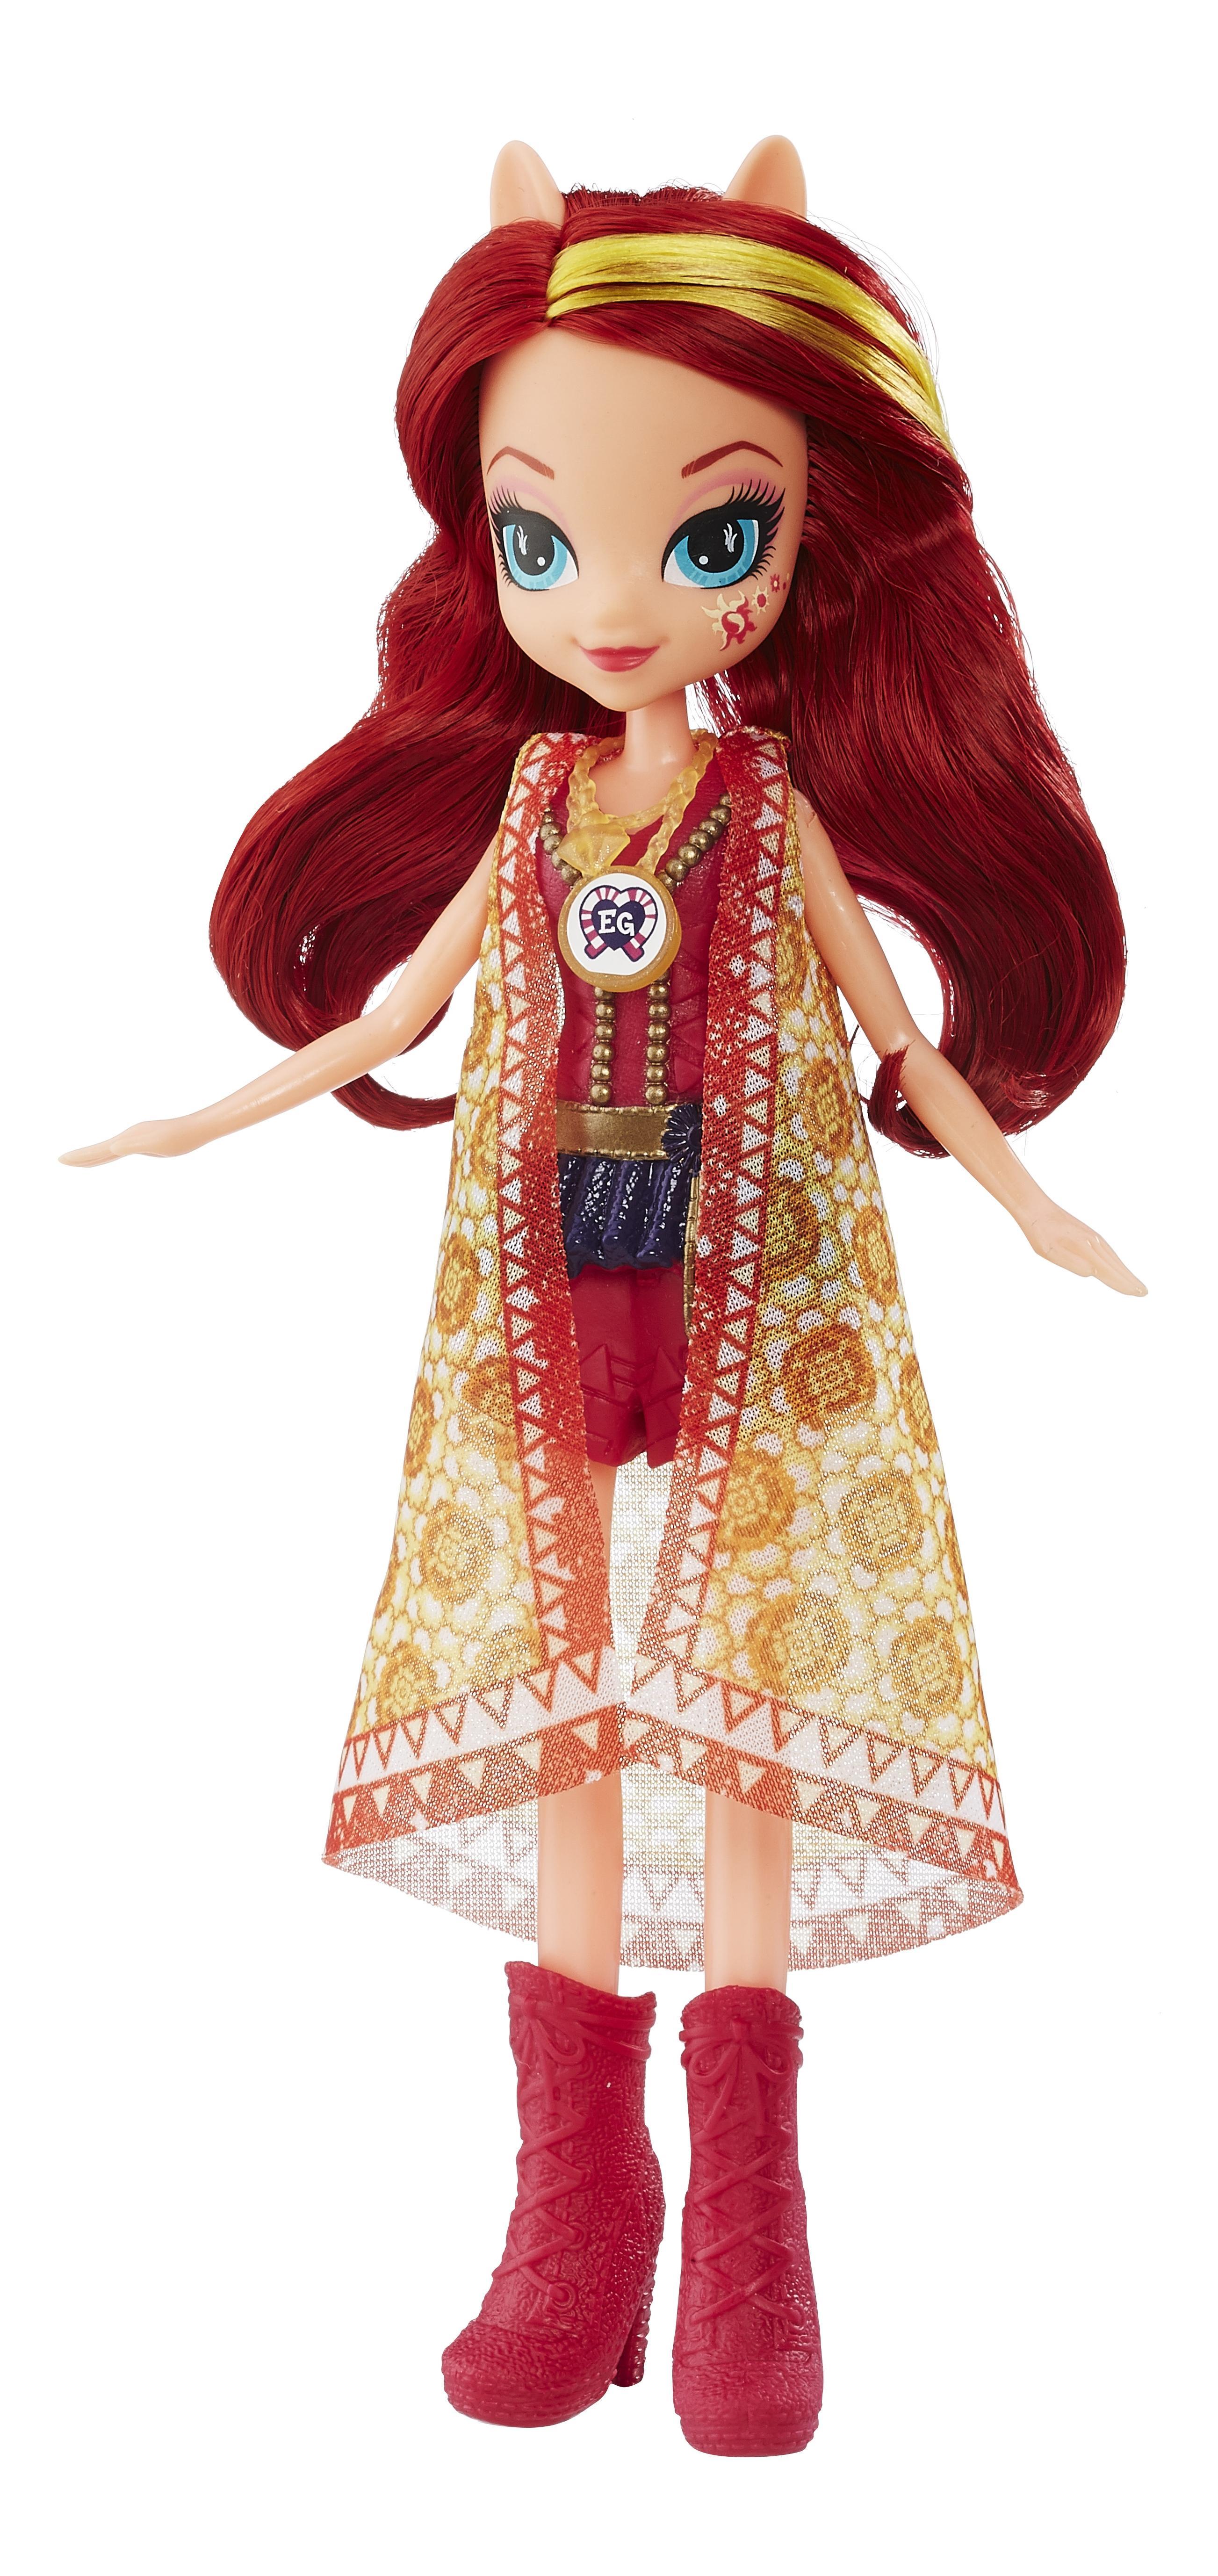 Кукла My Little Pony Легенда Вечнозеленого леса b6476 b7521 23 см